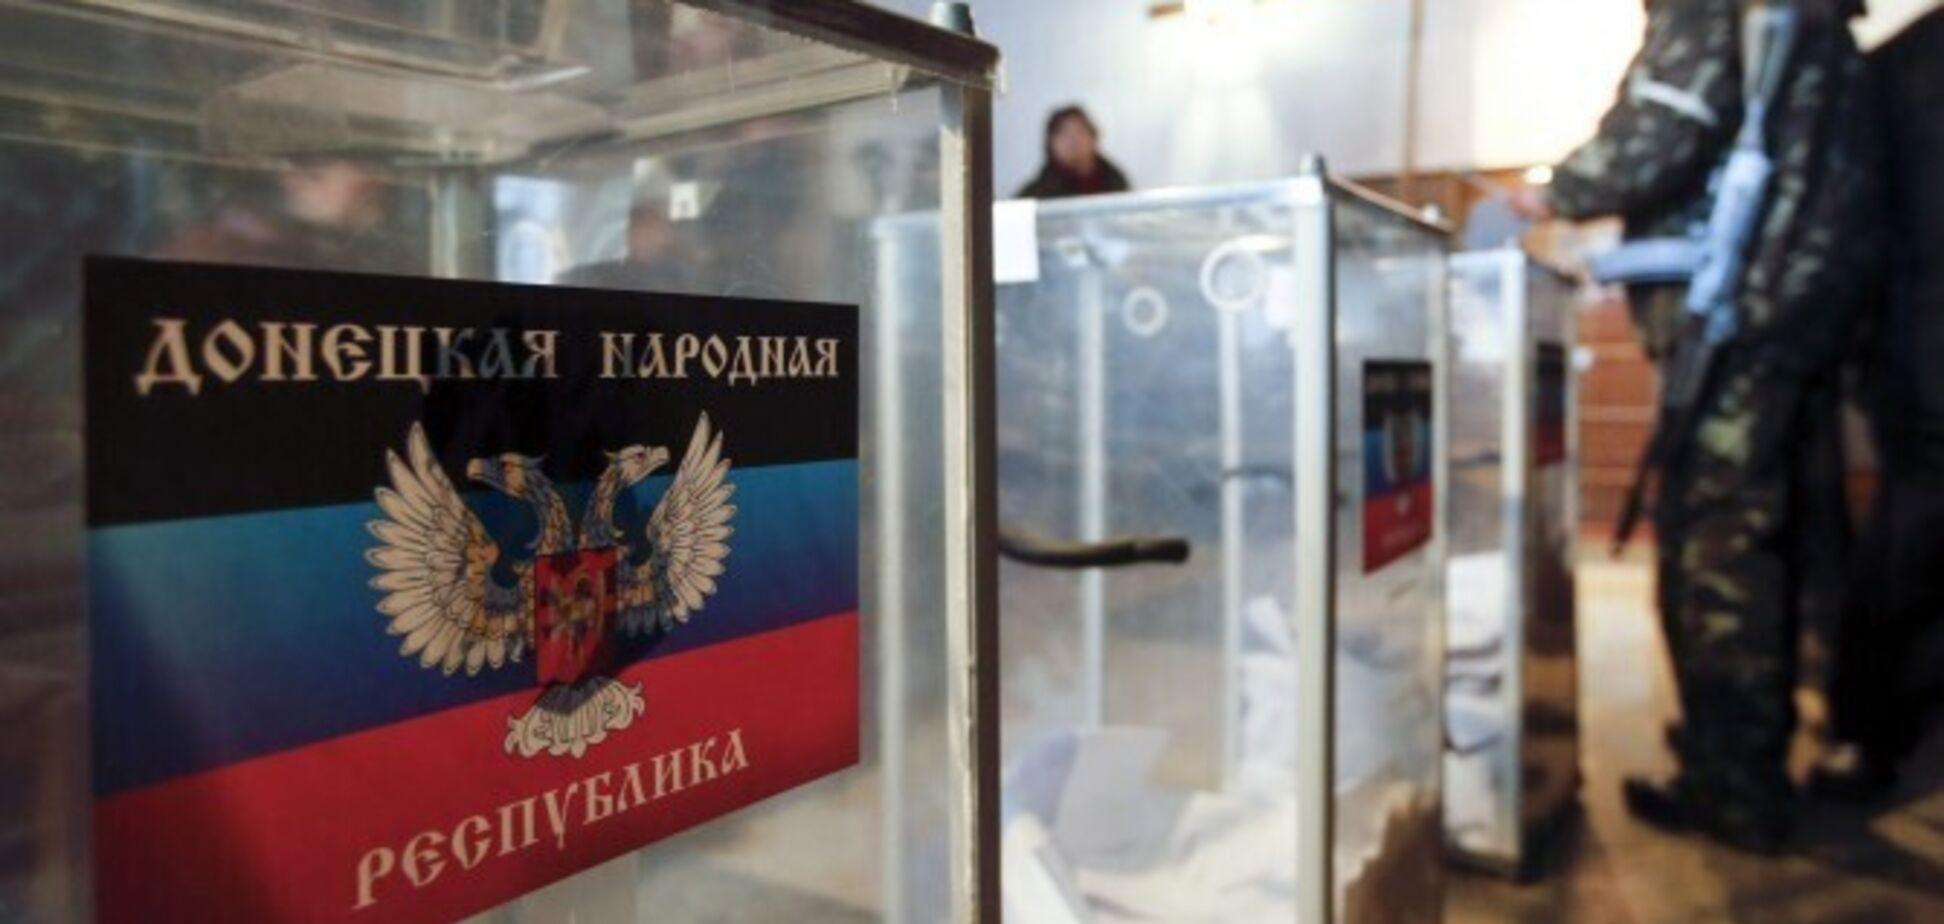 Названы реальные сроки проведения выборов на Донбассе